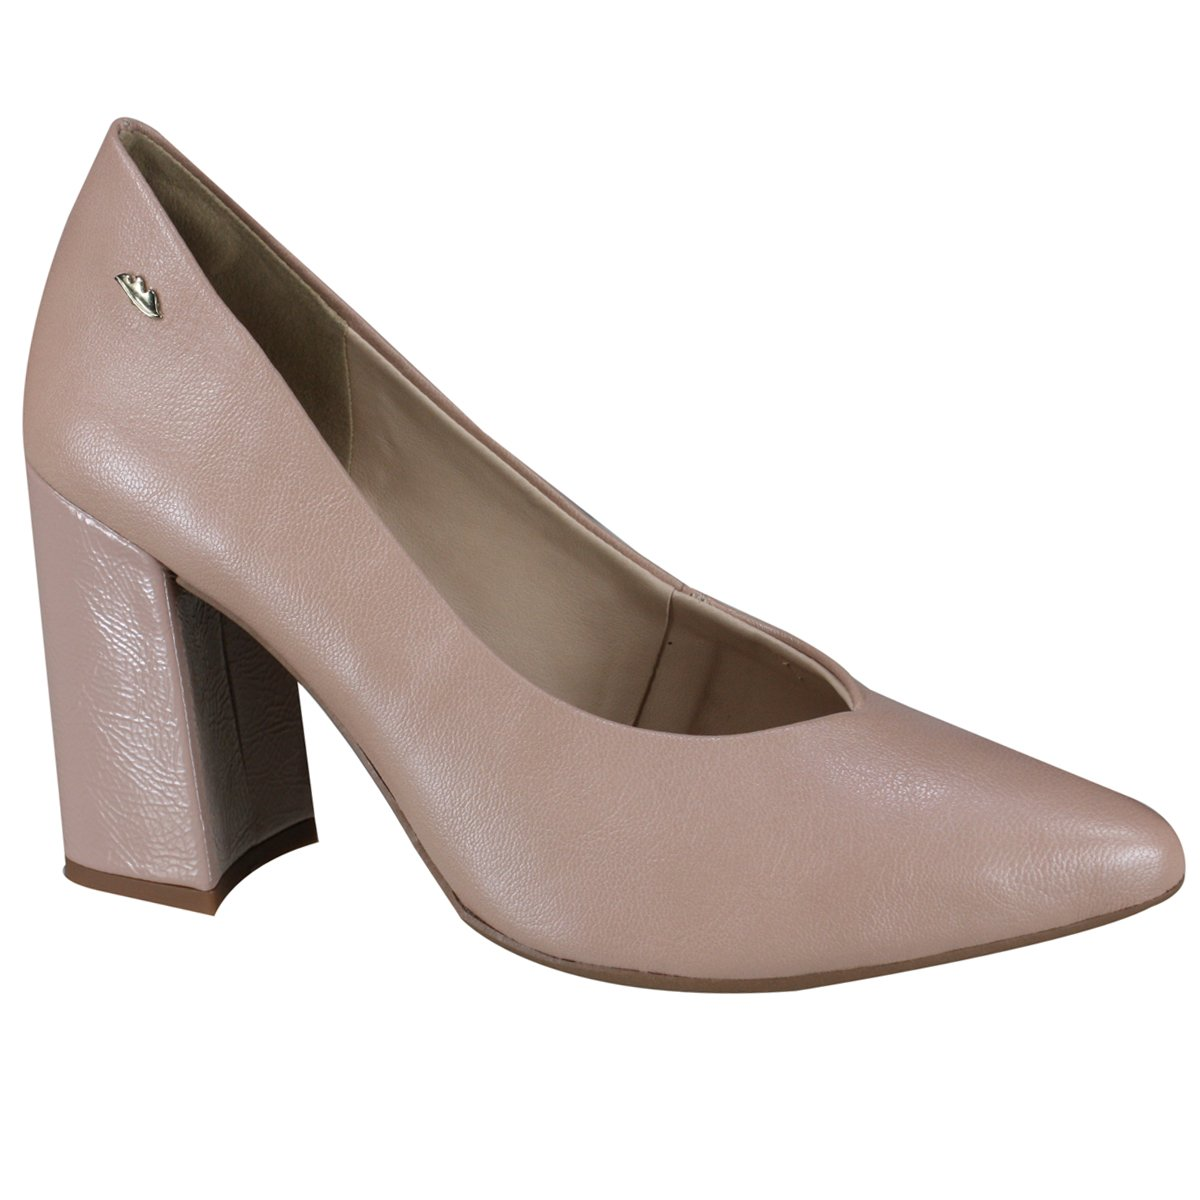 7e016c6aa Sapato Feminino Dakota G0102 0001 - Noz (Portofino) - Botas Online ...